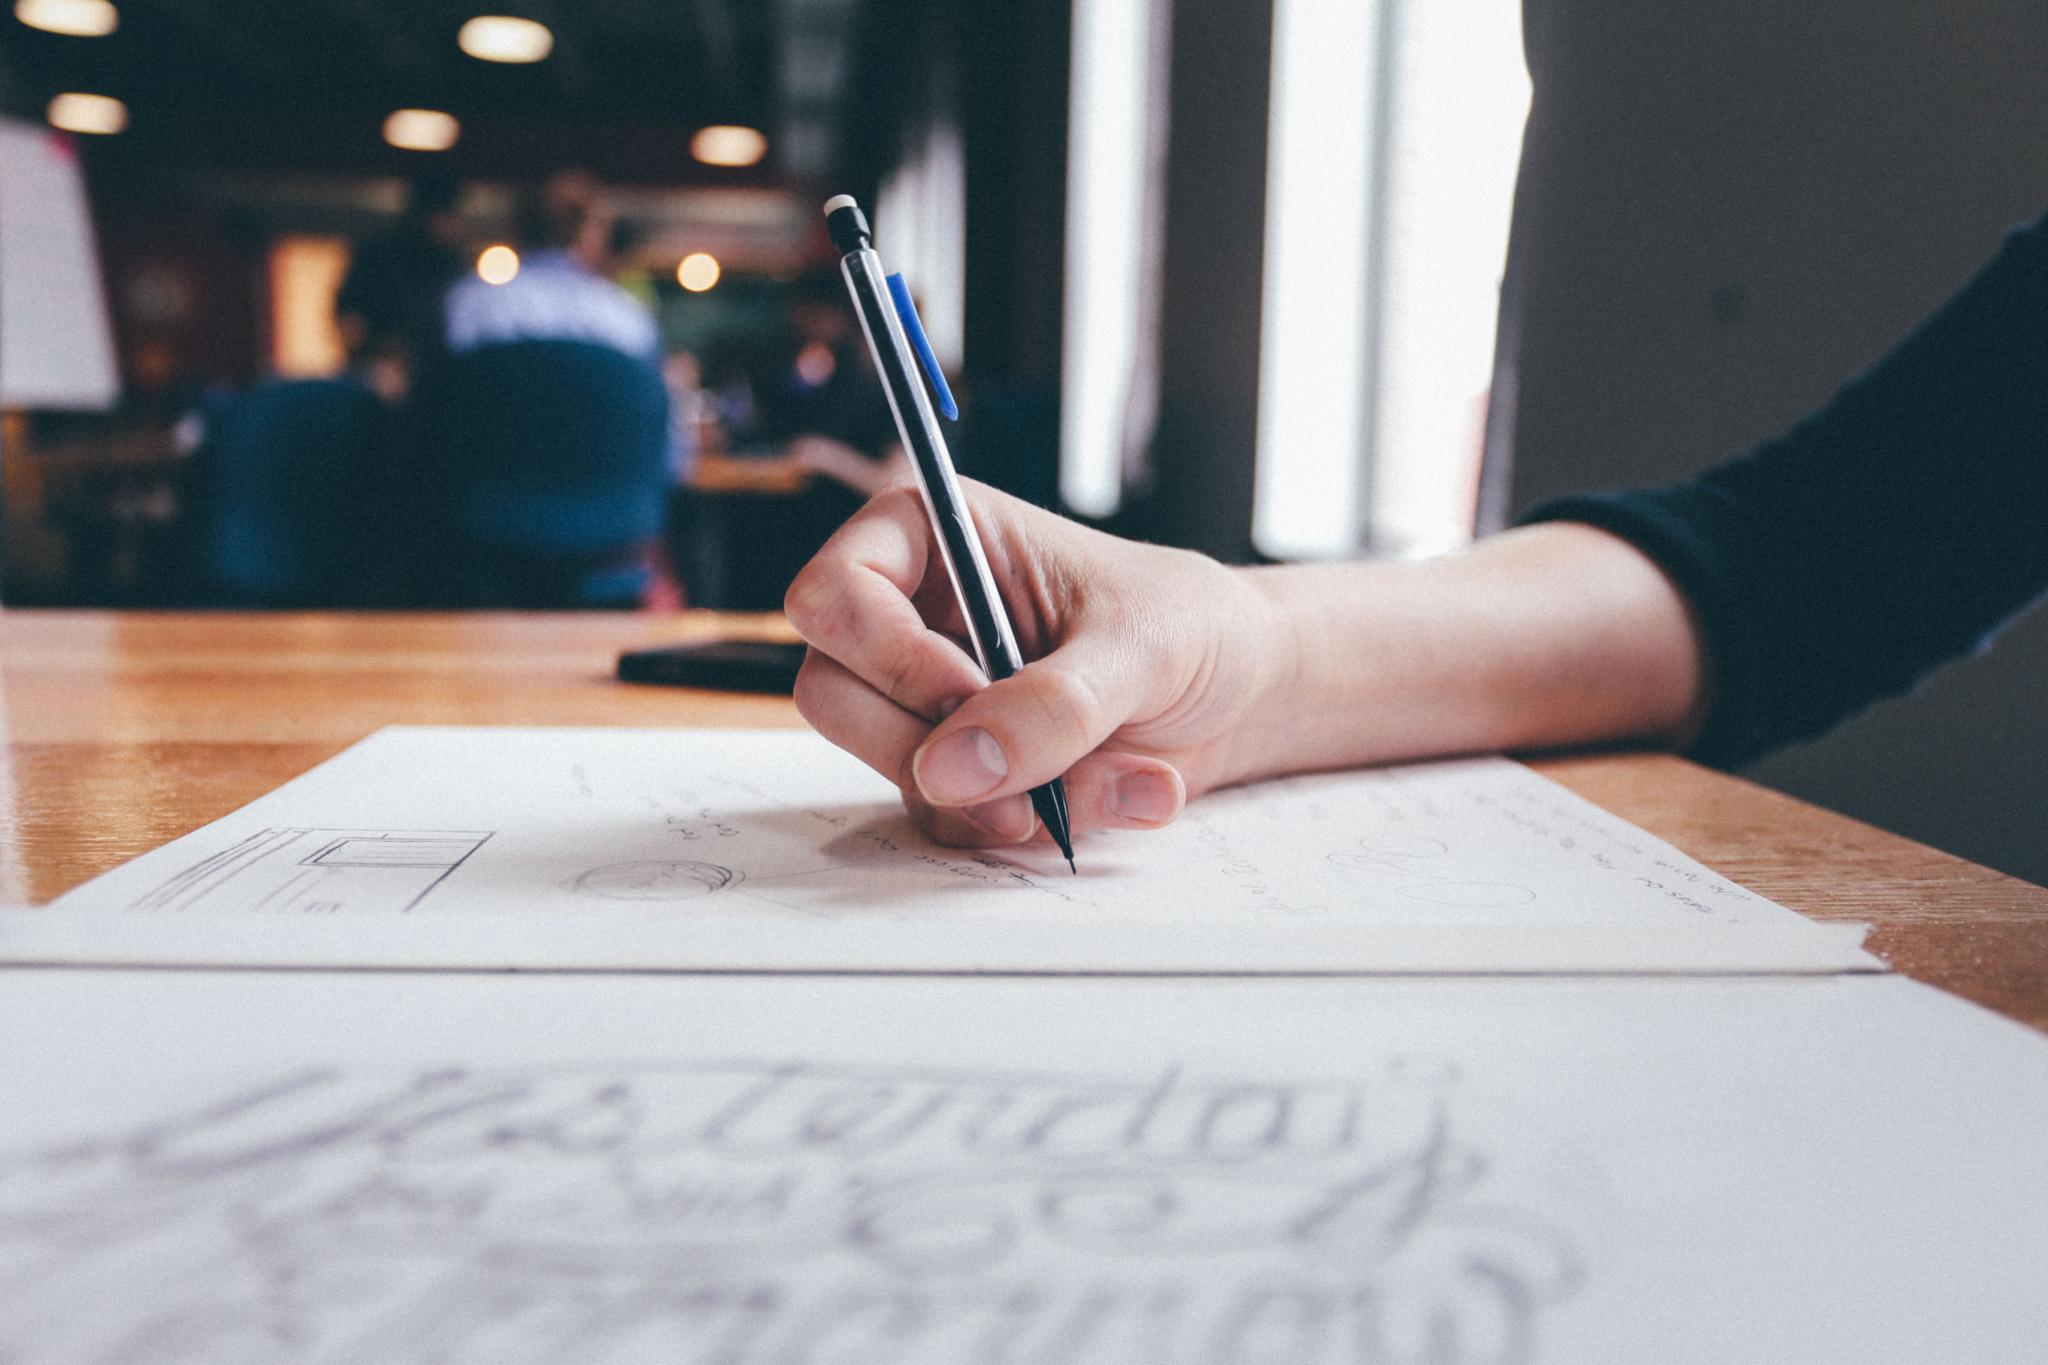 Jak zodpovědně přistupovat ke studentské půjčce? [sponzorovaný článek]